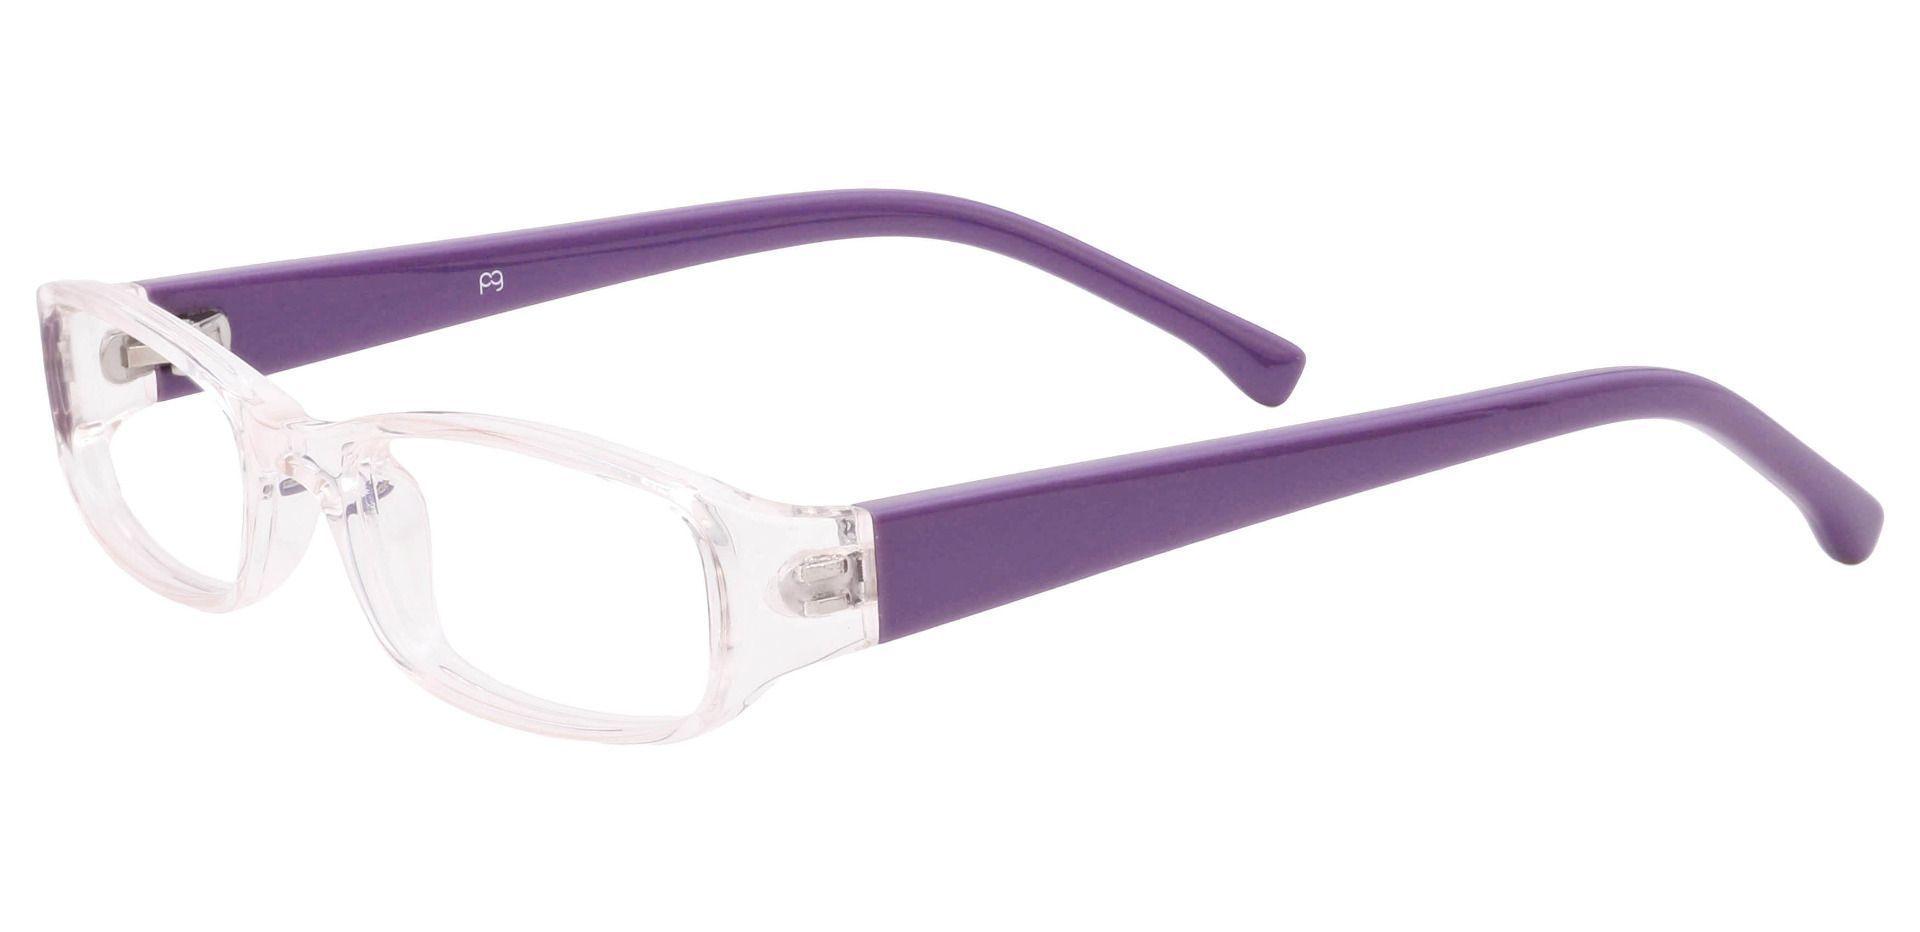 Laurel Rectangle Single Vision Glasses - Pale Pink Crystal